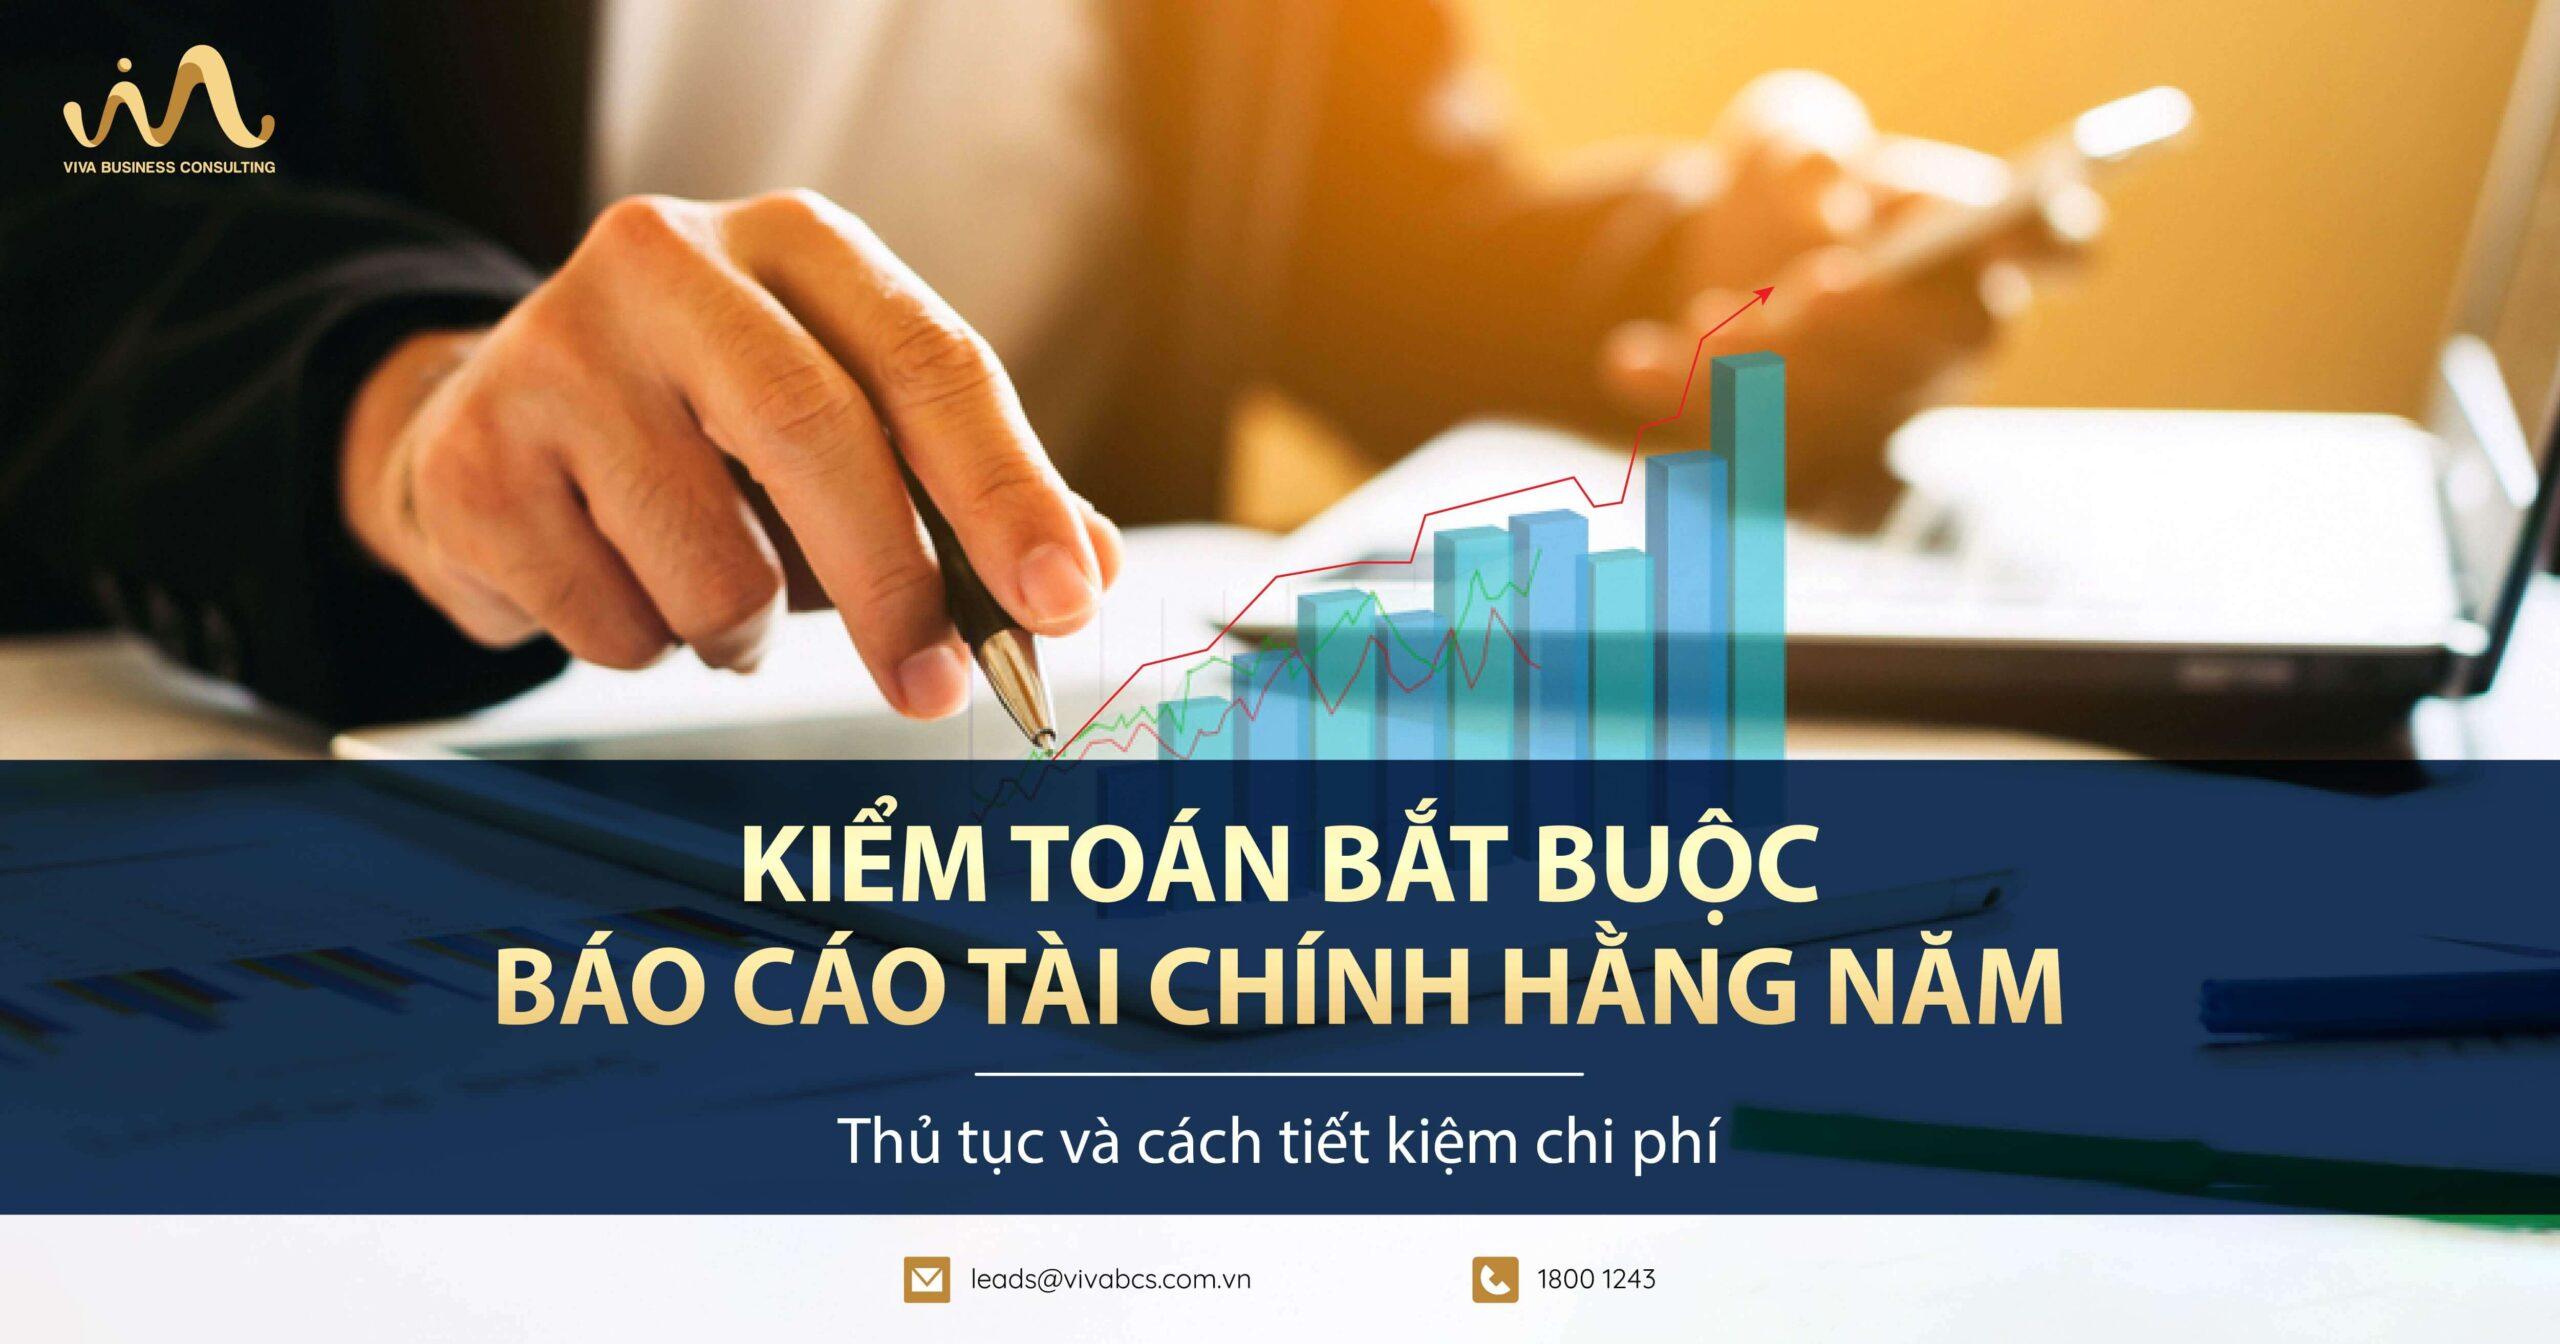 Kiểm toán báo cáo tài chính: lưu ý đối với công ty FDI